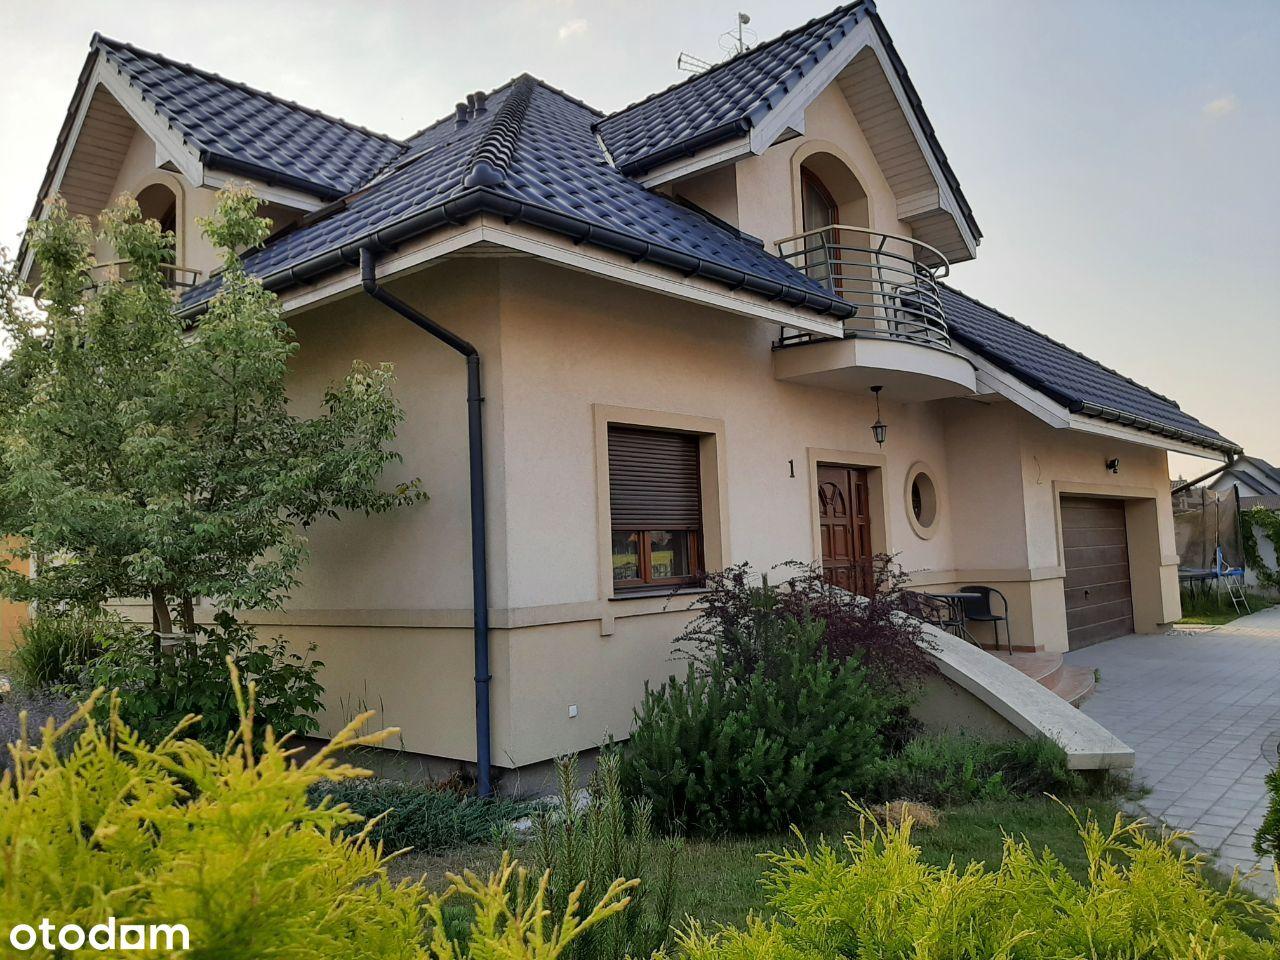 Dom wolnostojący z garażem na 2 auta w Kiełczowie